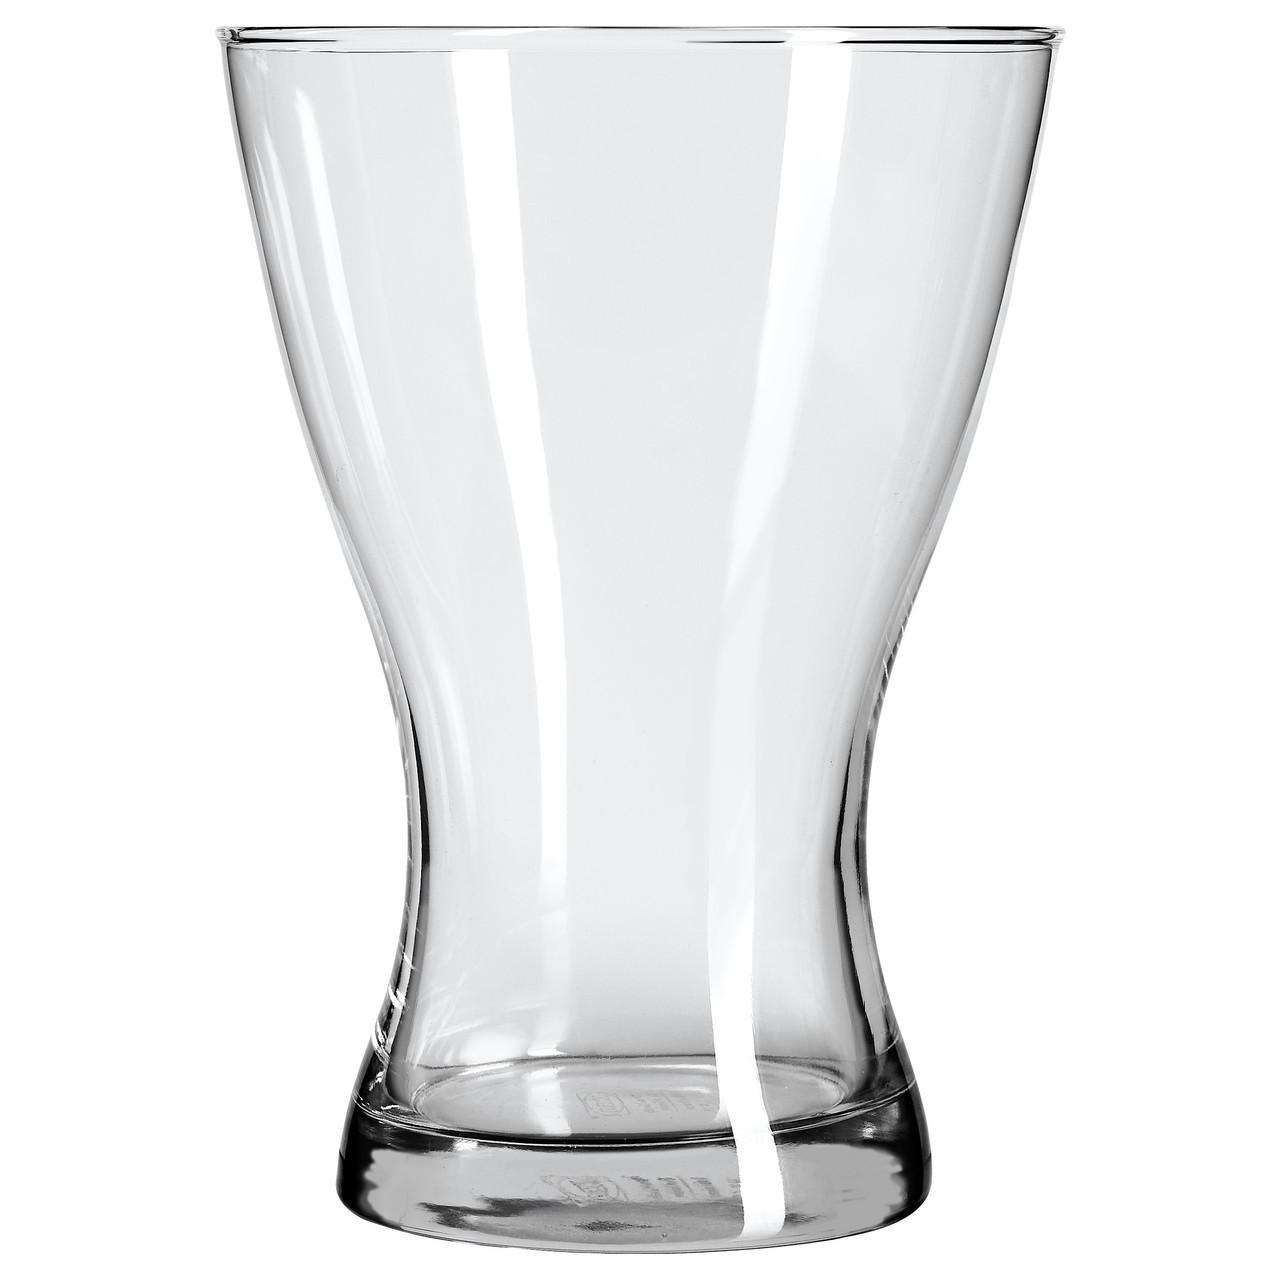 VASEN Ваза, прозрачное стекло 000.171.33